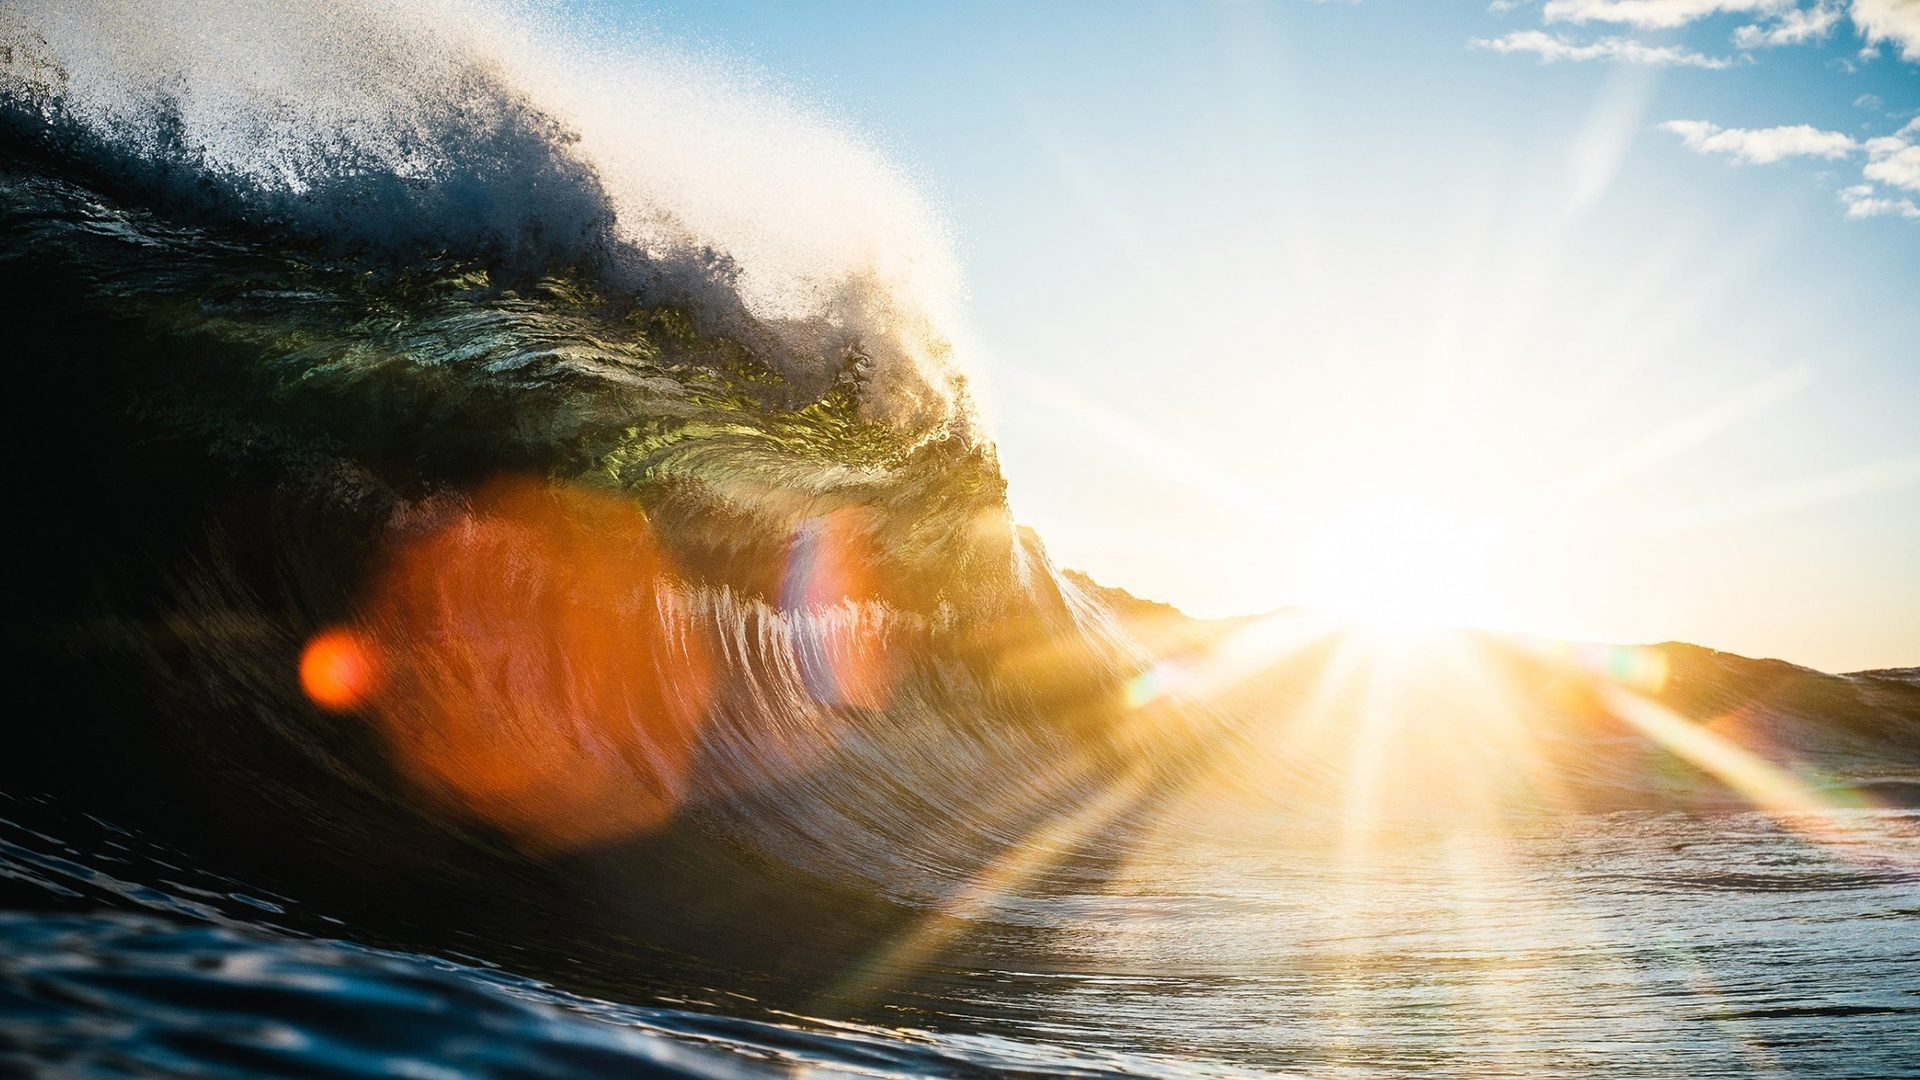 билеты, картинки солнце жизнь вода никогда сможете снять